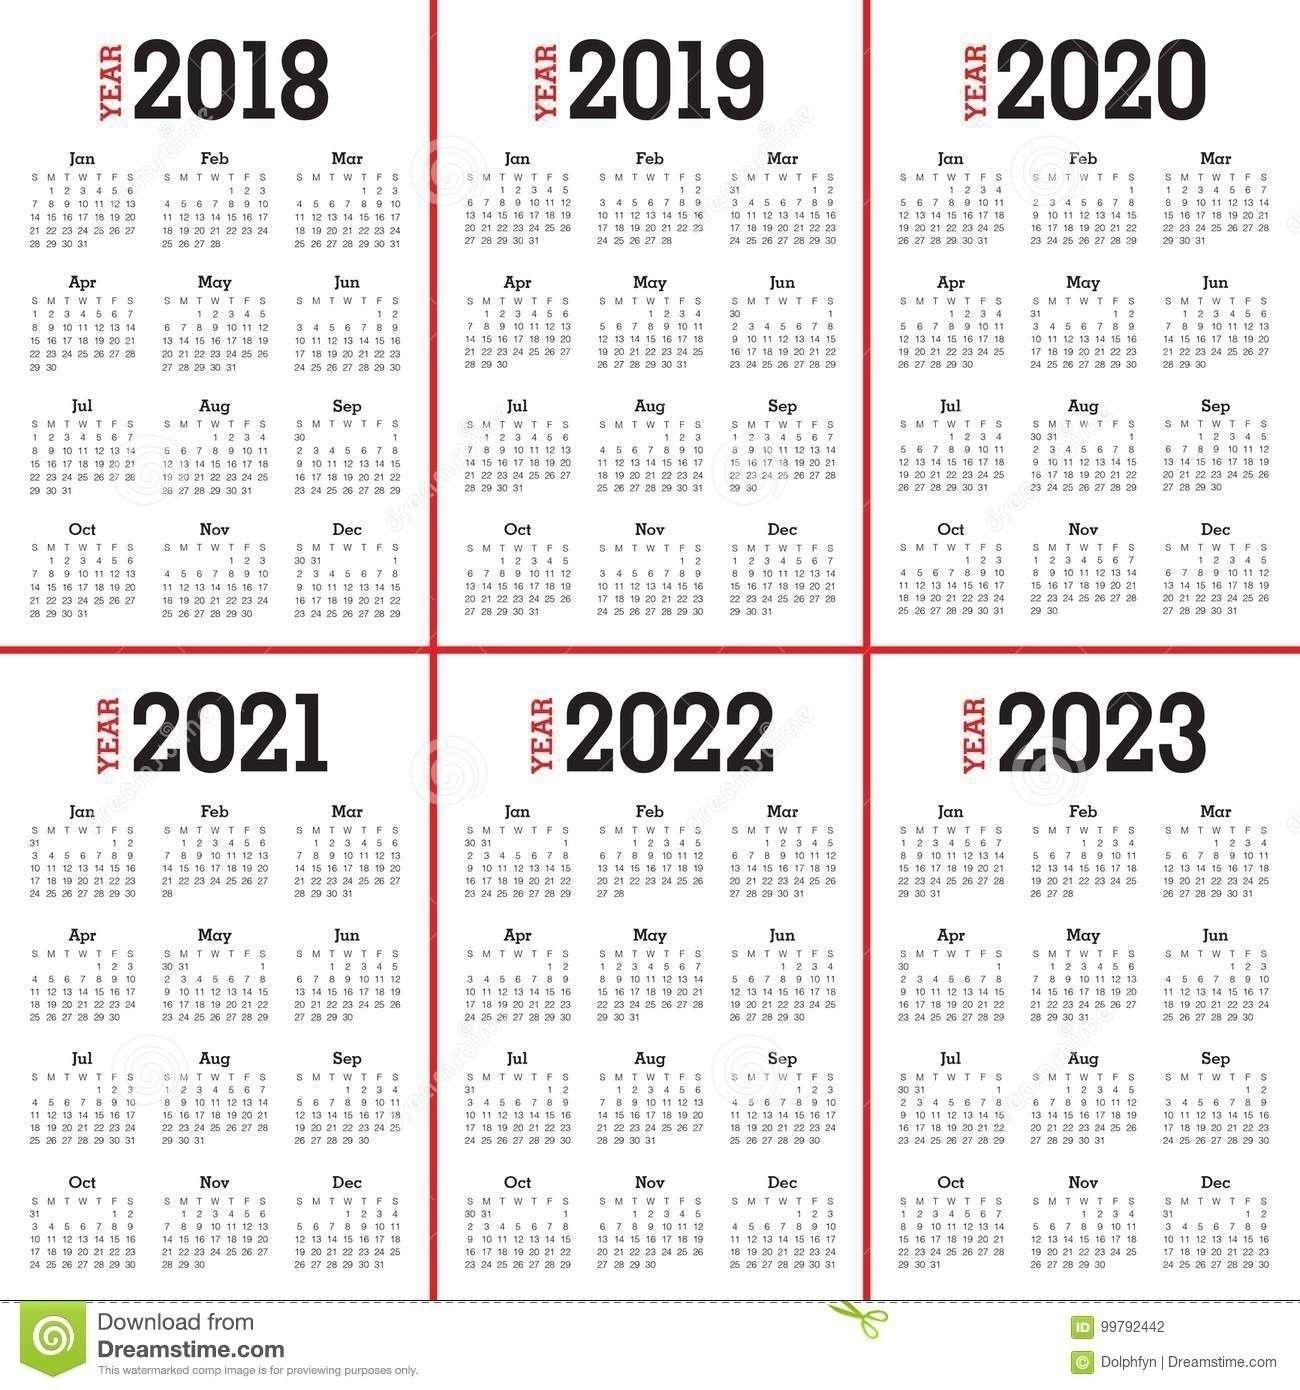 3 Year Calendar 2021 To 2023 Di 2020 | Stiker